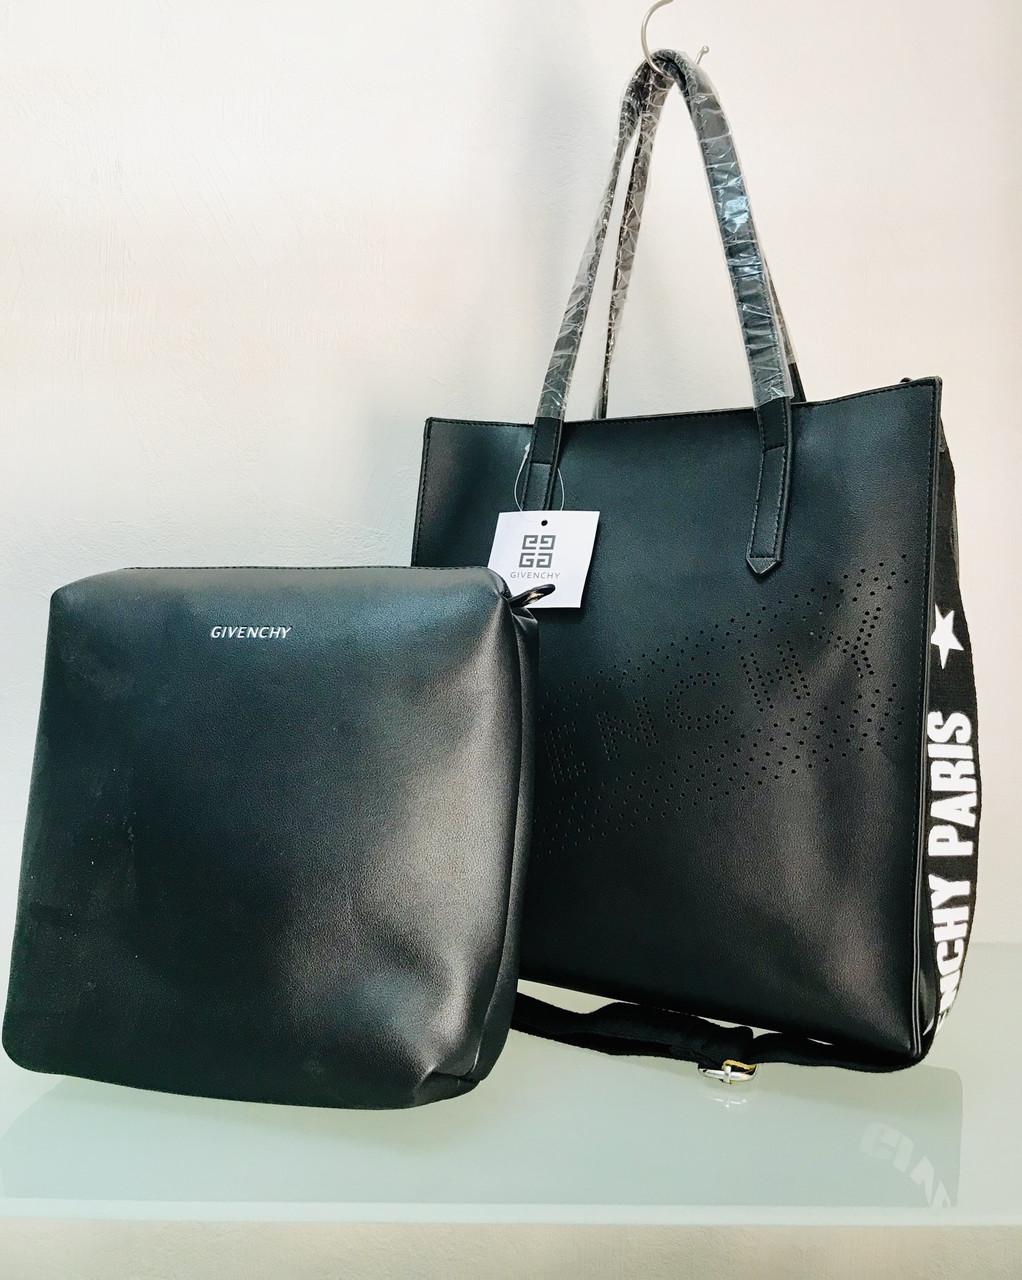 Сумка жіноча шкіряна чорна 2 в 1 сумка + косметичка